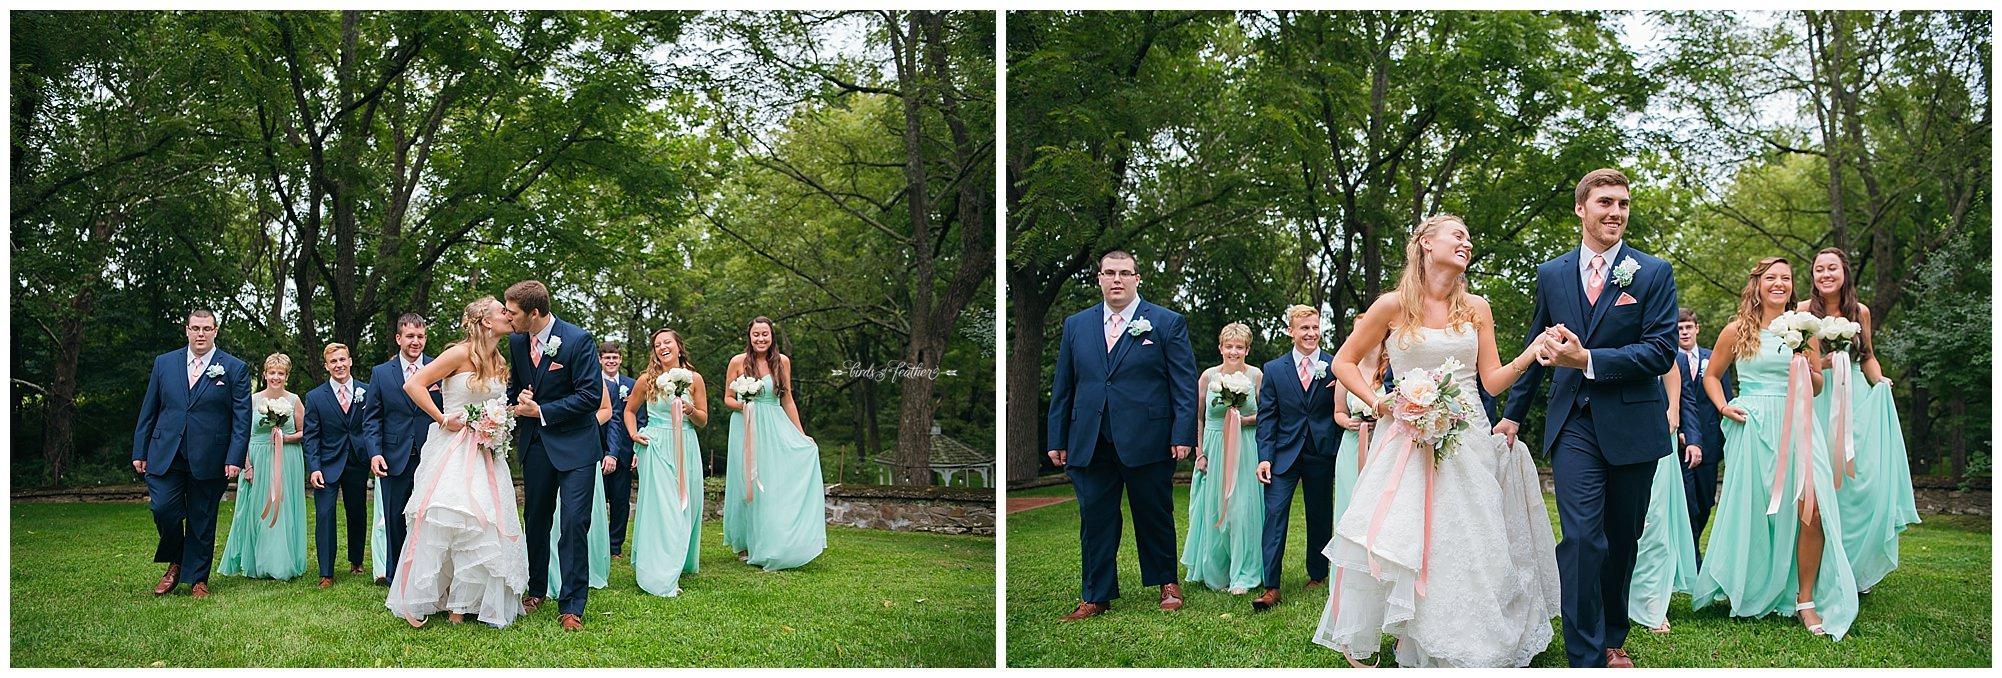 Birds of a Feather Photography Bally Spring Inn Wedding Photographer 13